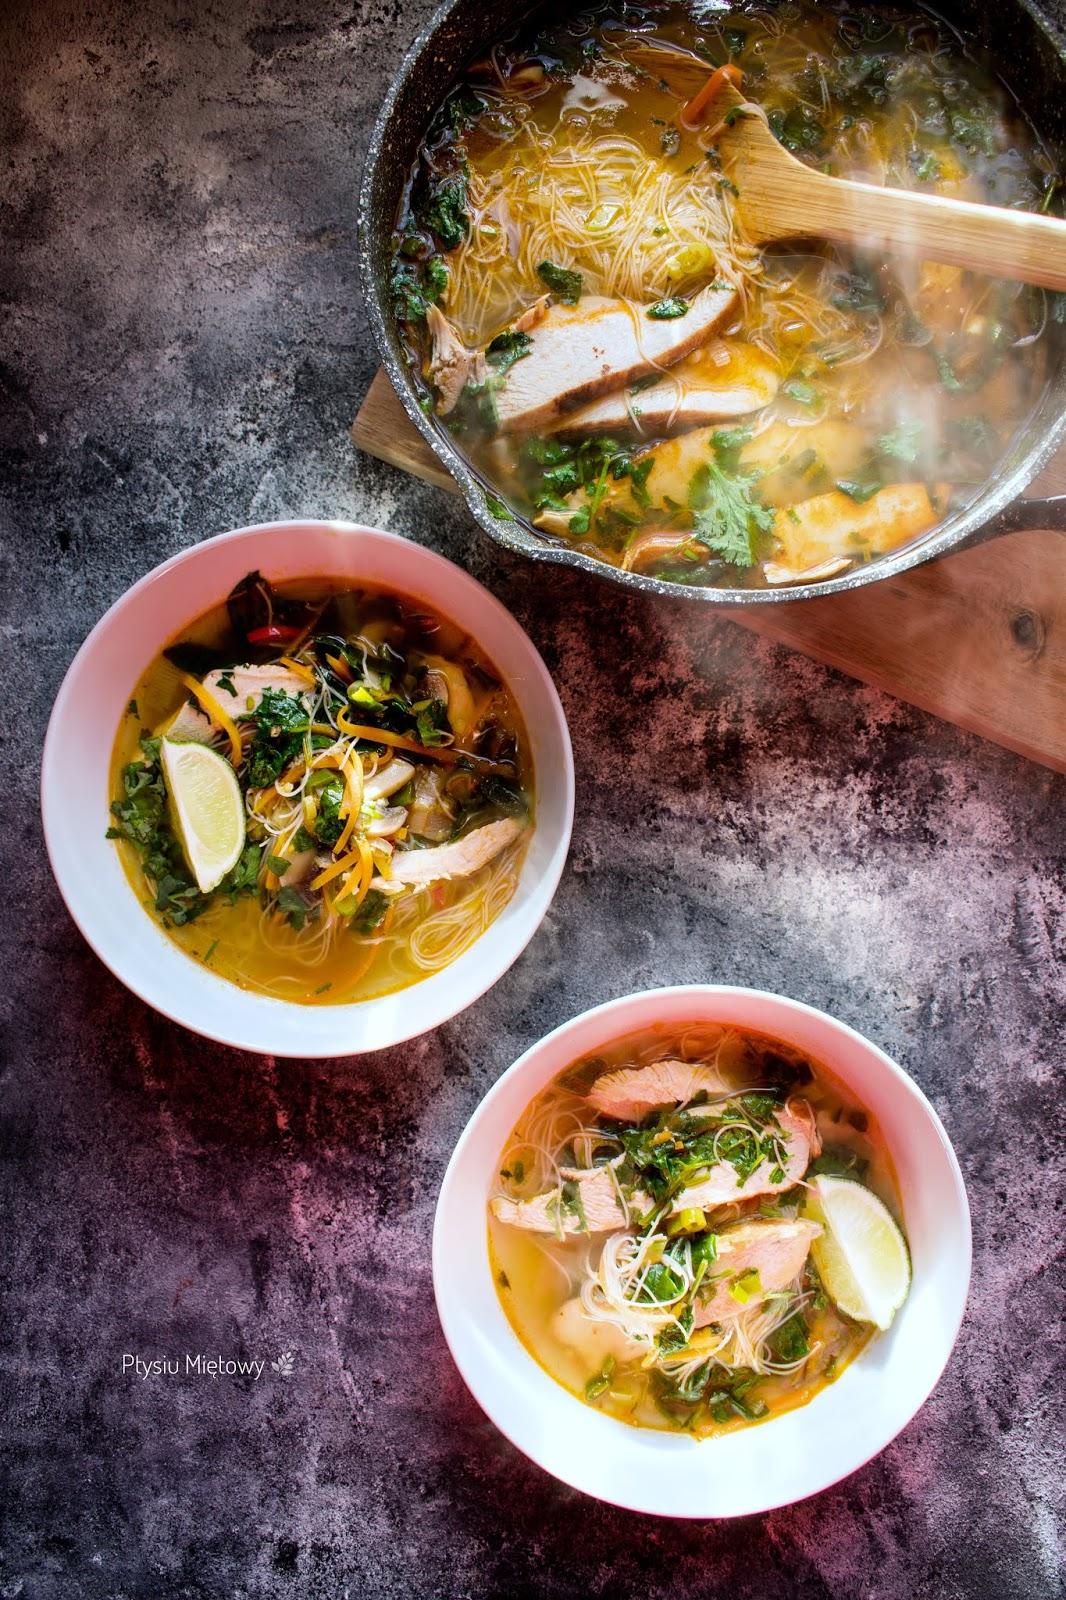 zupa, tajskie, ptysiu mietowy